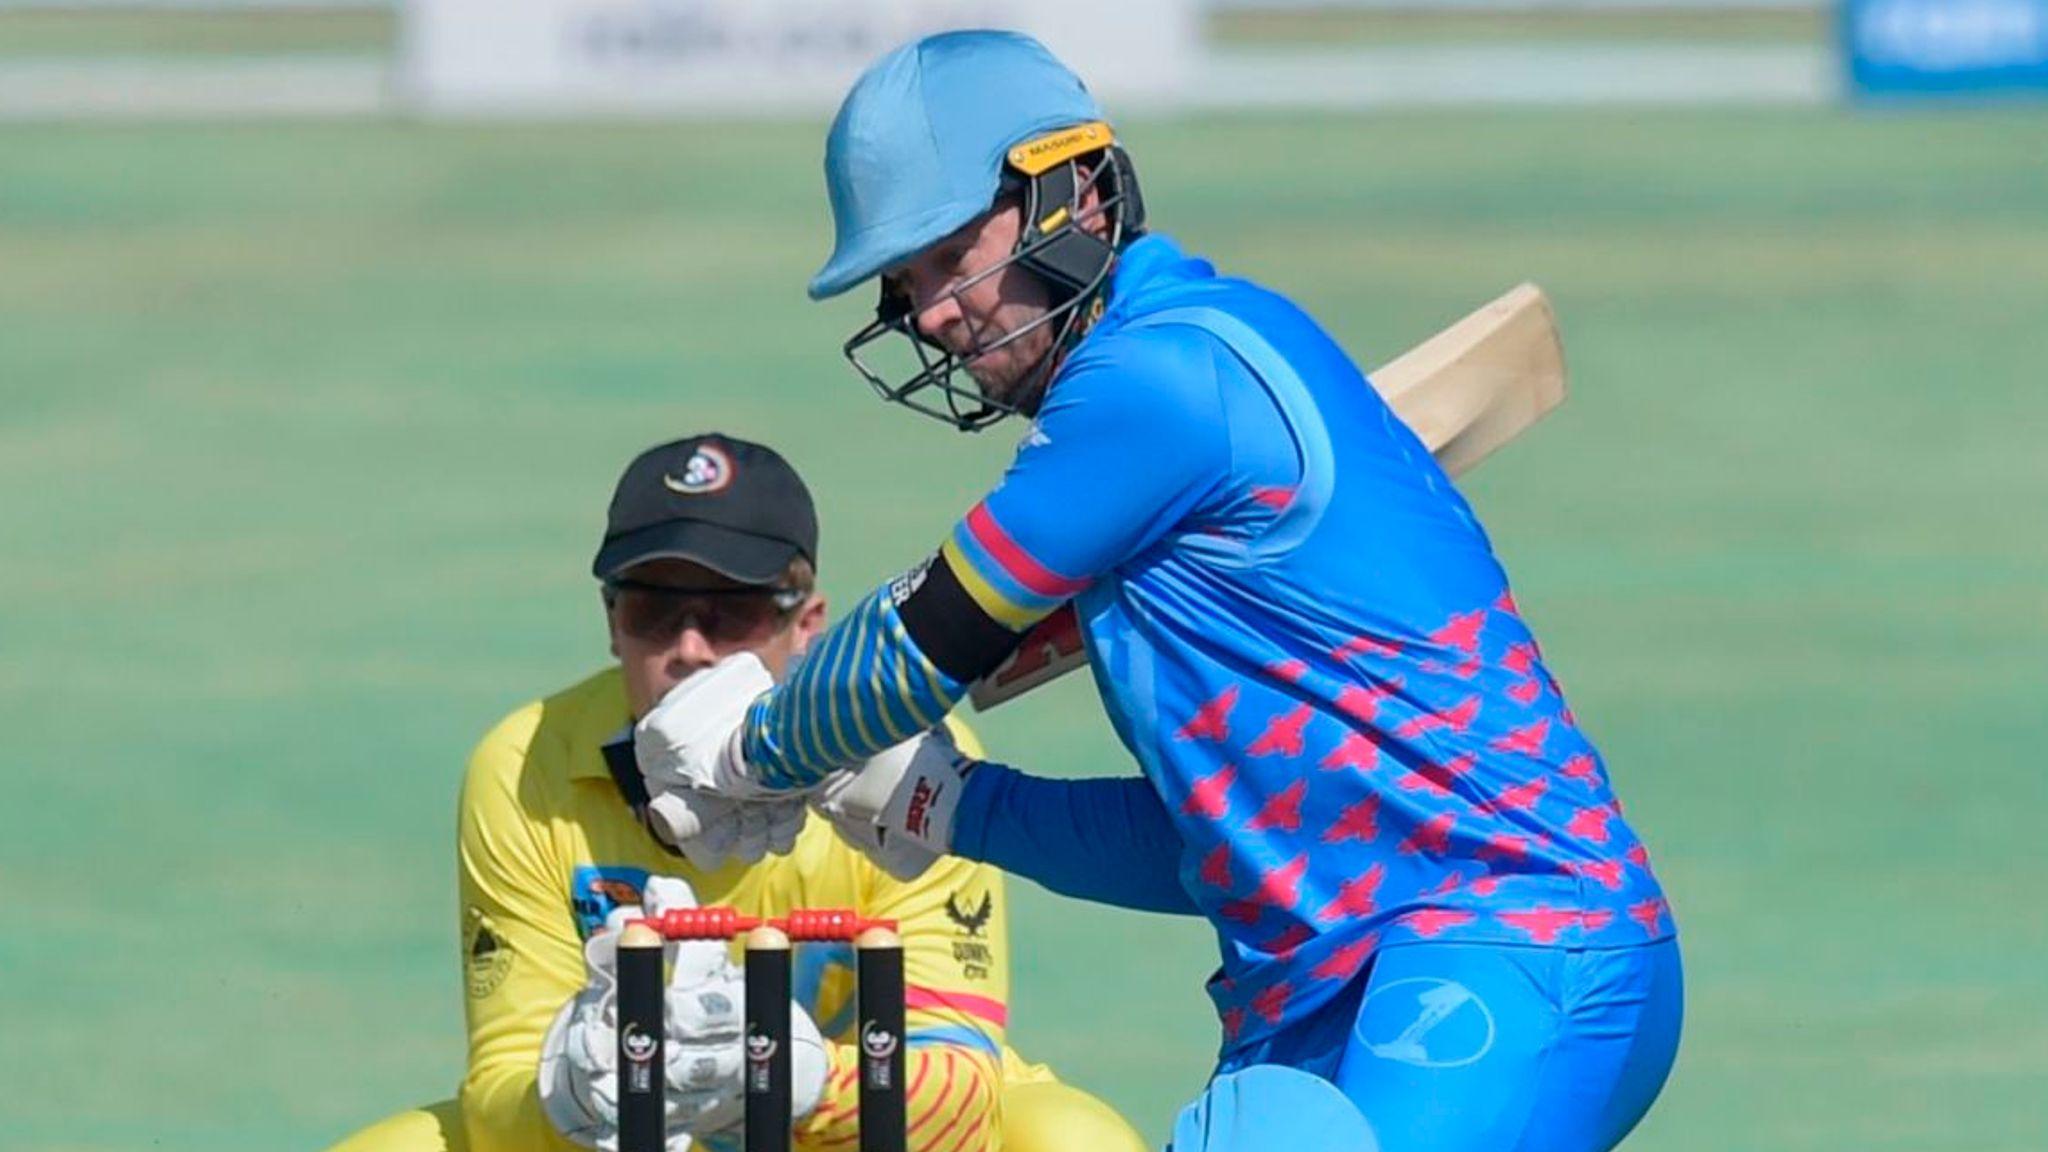 एबी डीविलियर्स ने वापसी पर खेली 24 गेंद में 61 रन की पारी, फैंस ने दिया ऐसा रिएक्शन 11